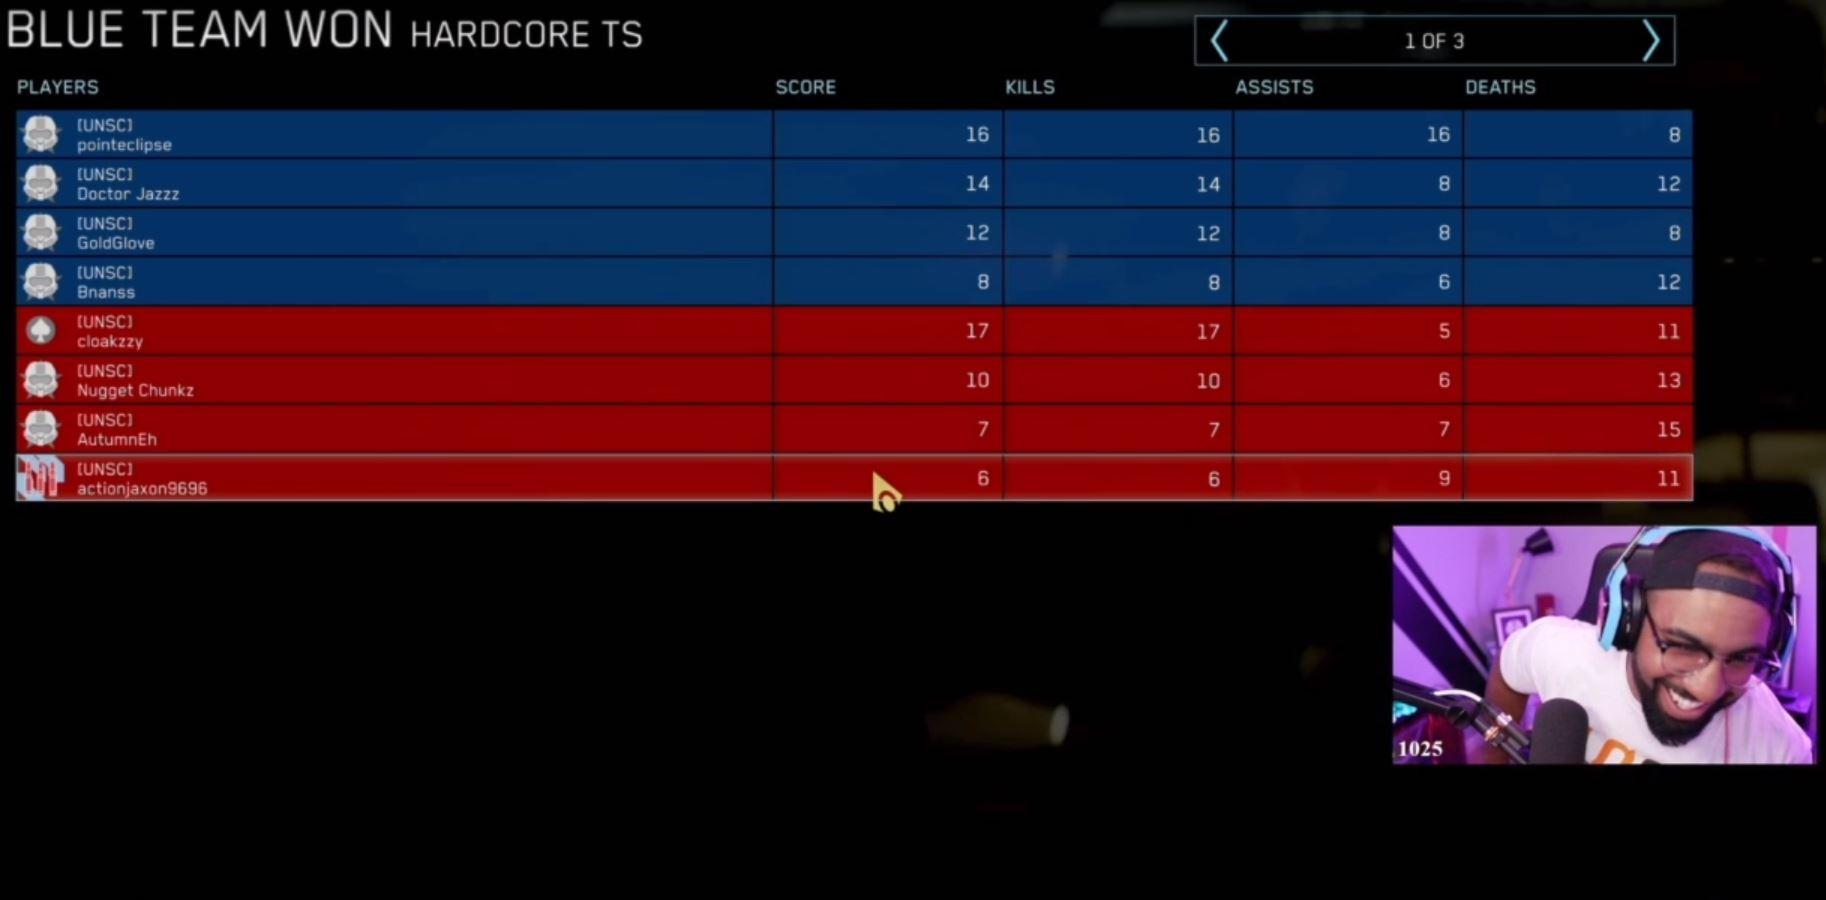 bud light battle of the best scoreboard video game